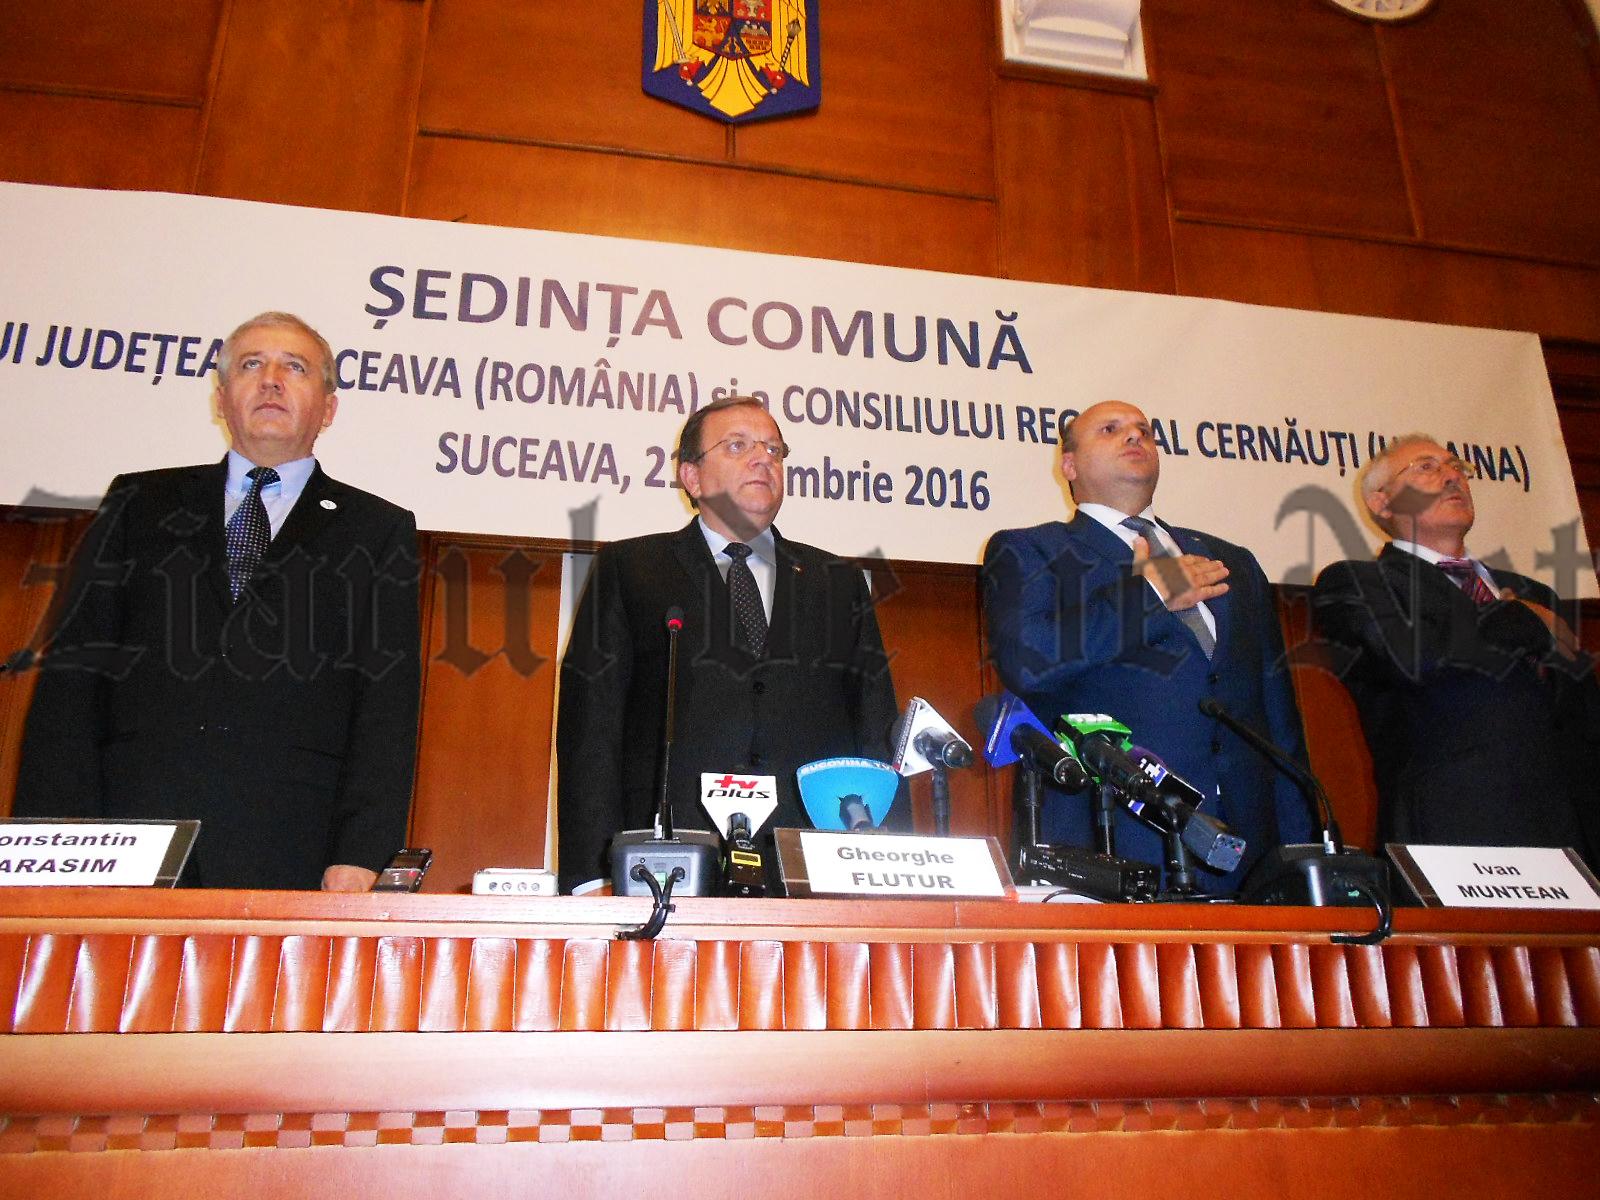 sedinta-comuna-suceava-cernauti-11-21-10-16